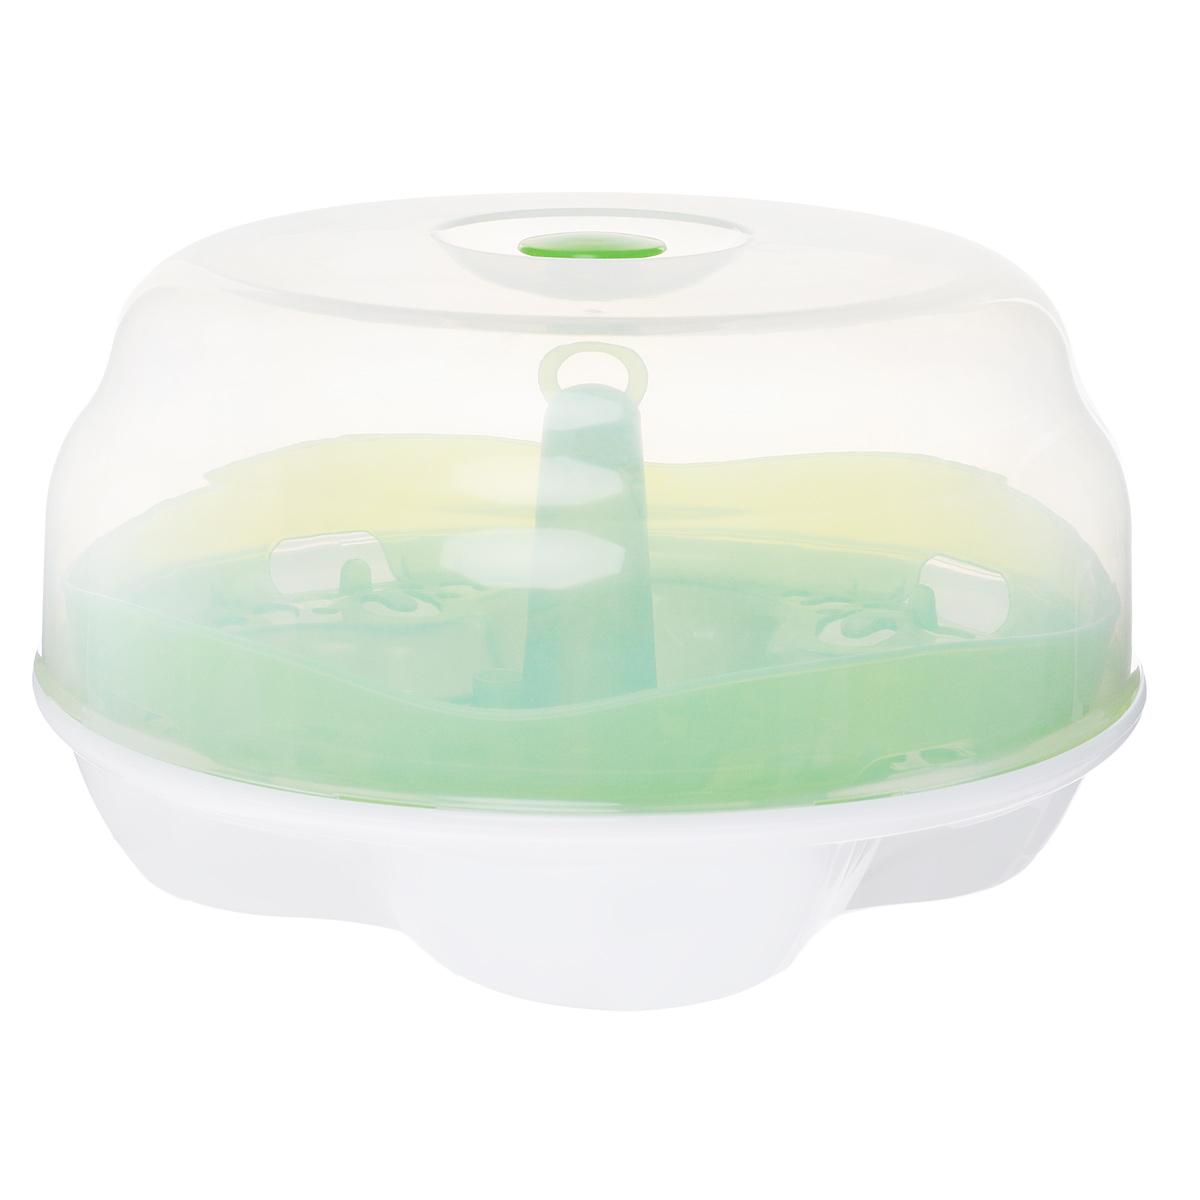 Стерилизатор для микроволновой печи Born Free, цвет: белый, салатовый47276Стерилизатор для микроволновой печи Born Free удобно вместит в себя все виды емкостей, что позволит вам избежать неудобств по поводу нестандартных размеров посуды для кормления. И главное - он вмещает в себя сразу четыре бутылочки объемом 250 мл, затрачивая на их стерилизацию всего четыре минуты. Подходит для стерилизации всех видов бутылочек и других аксессуаров BornFree. Оснащен специальными ручками для безопасной выемки из микроволновой печи. Включает специальный держатель для сушки бутылочек и их частей. Ручка крышки обеспечивает удобство и безопасность при открытии стерилизатора. Изготовлен из безопасных материалов, не содержащих бисфенол-А, фталаты и ПВХ. В комплекте инструкция по эксплуатации на русском языке. Бутылочки и аксессуары не входят в комплект.